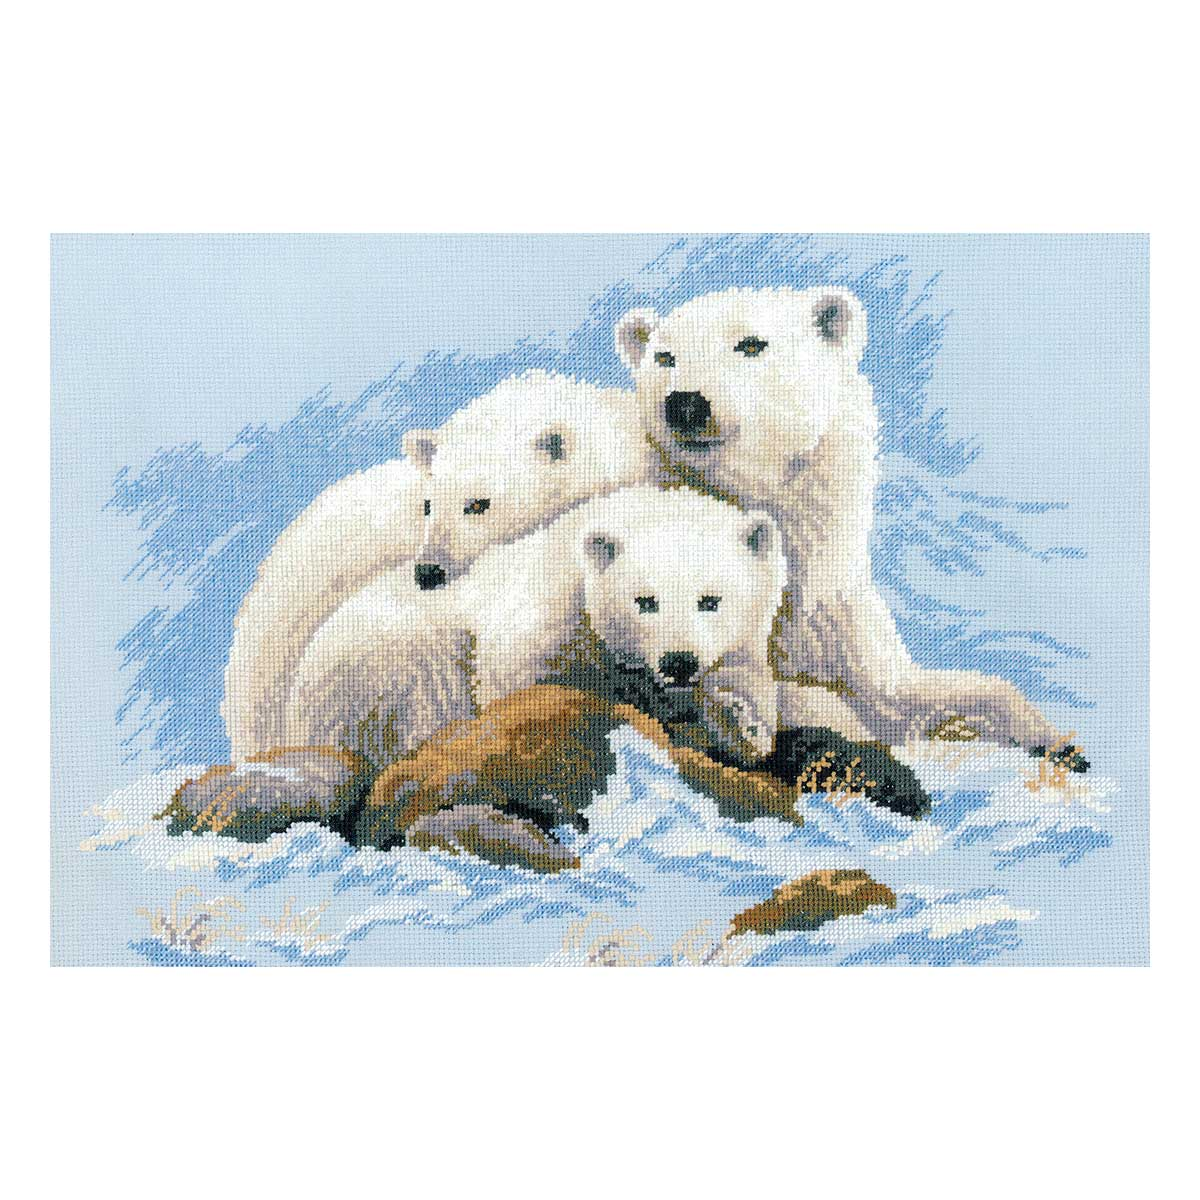 1033 Набор для вышивания Riolis' Белые медведи', 60*40 см